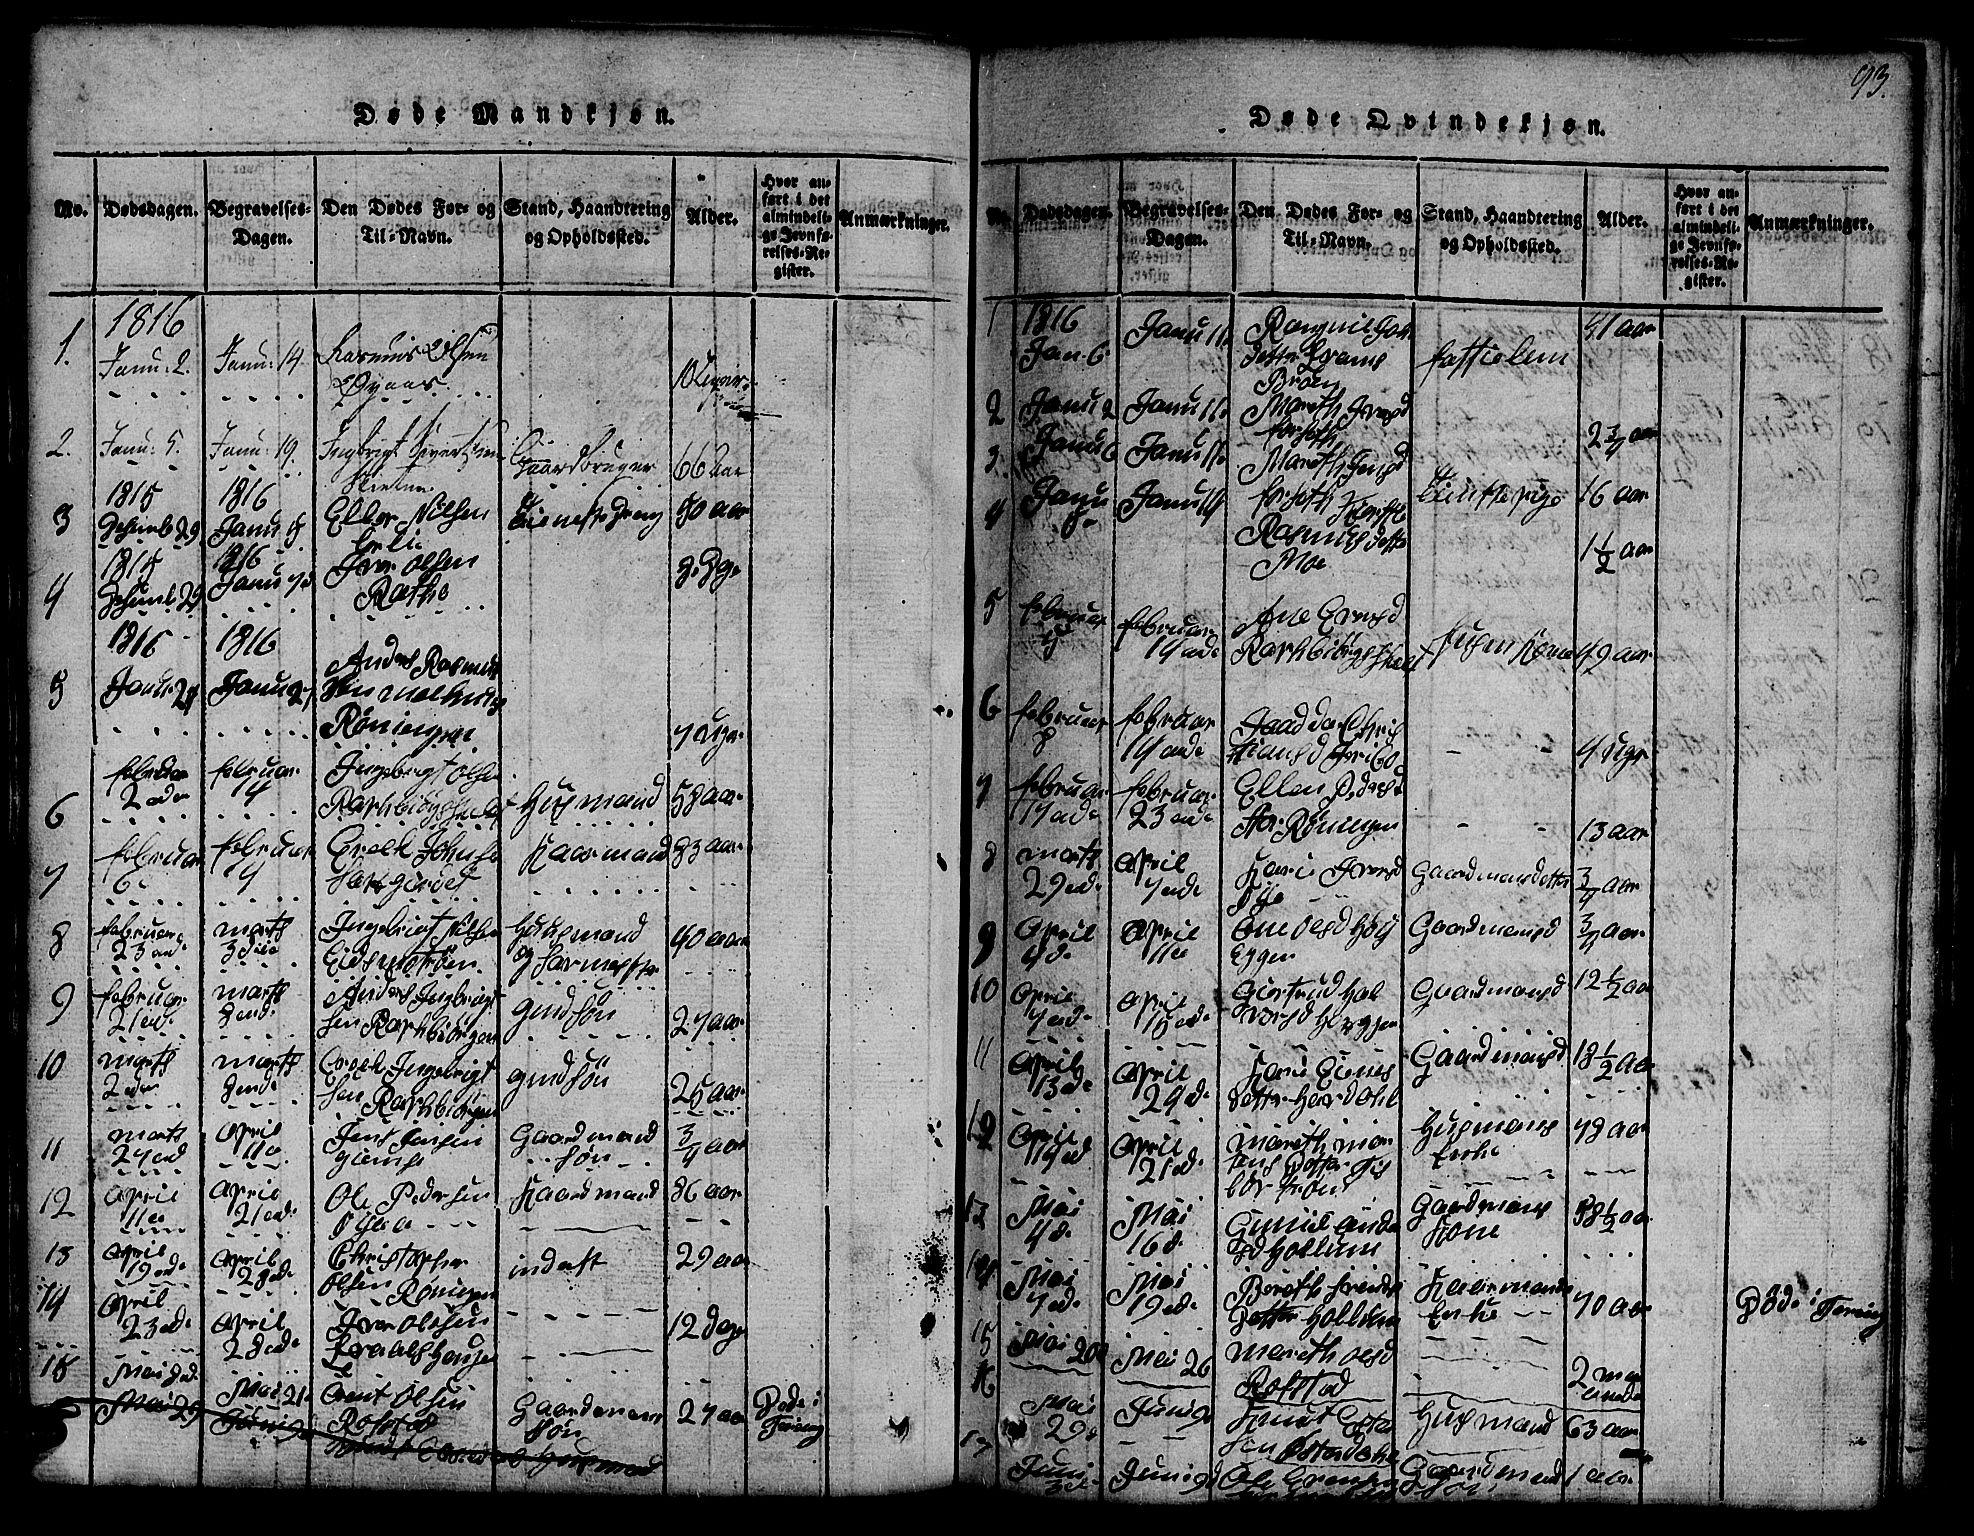 SAT, Ministerialprotokoller, klokkerbøker og fødselsregistre - Sør-Trøndelag, 691/L1092: Klokkerbok nr. 691C03, 1816-1852, s. 93